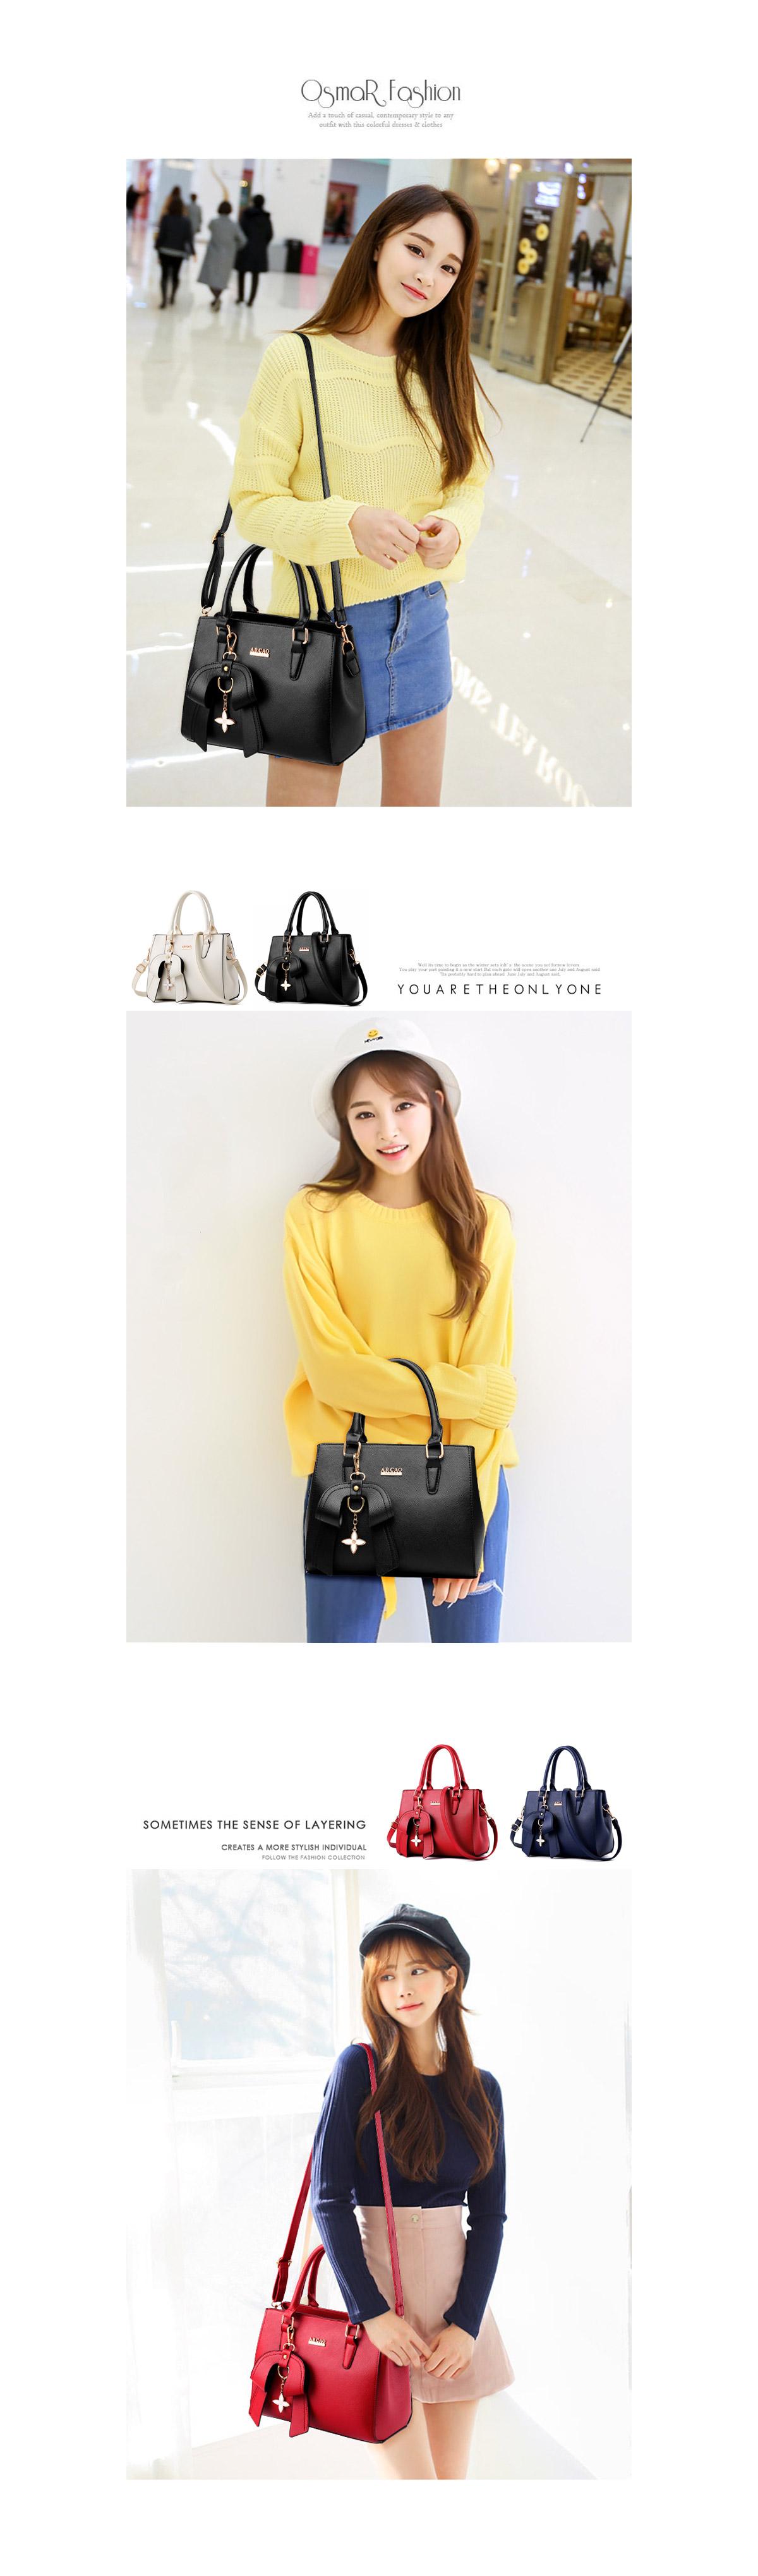 韓版時尚立體甜美單肩手提包,模特兒展示圖,背起來的樣子